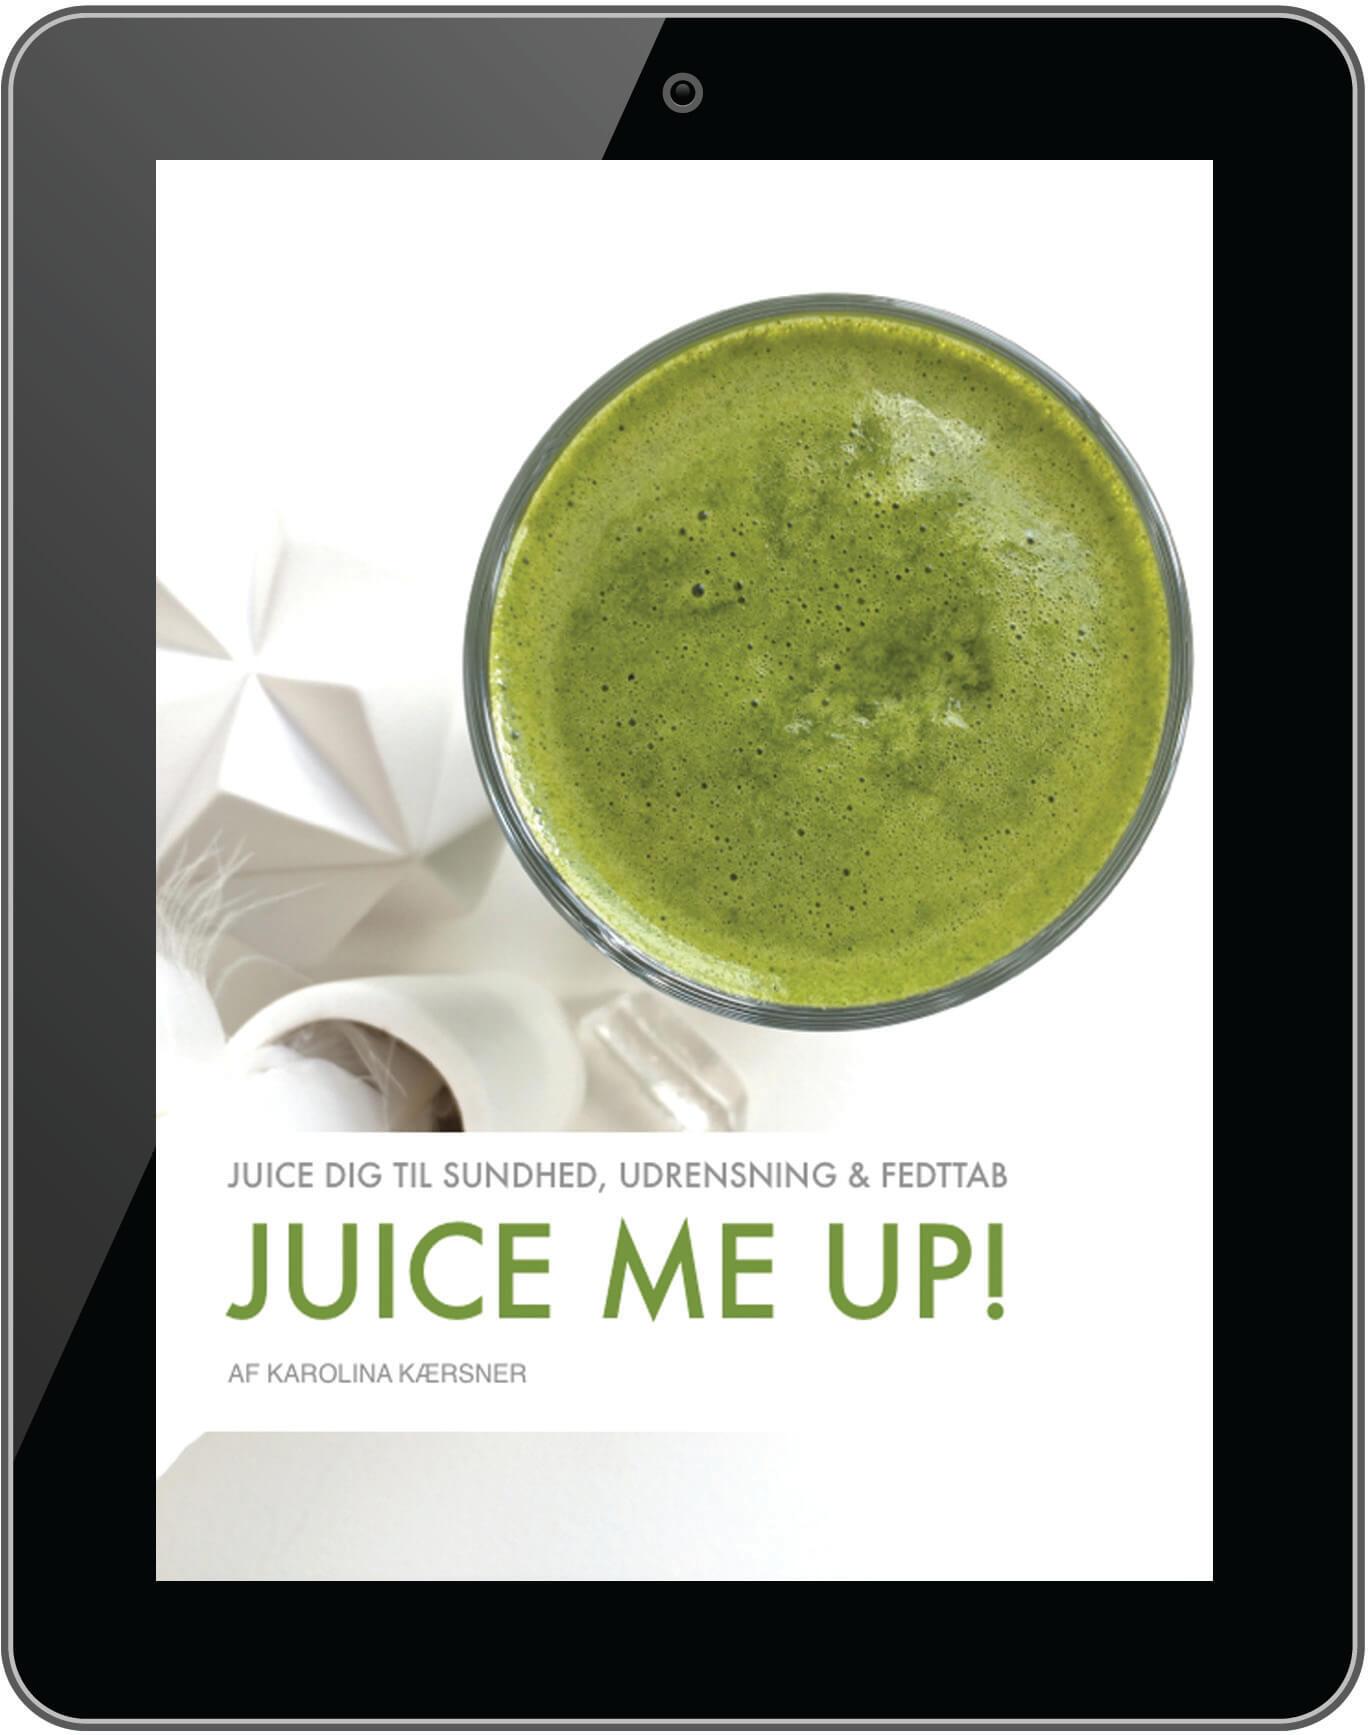 Juice me up! | Opskrifter til sundehd, udrensning og fedttab / vægttab!